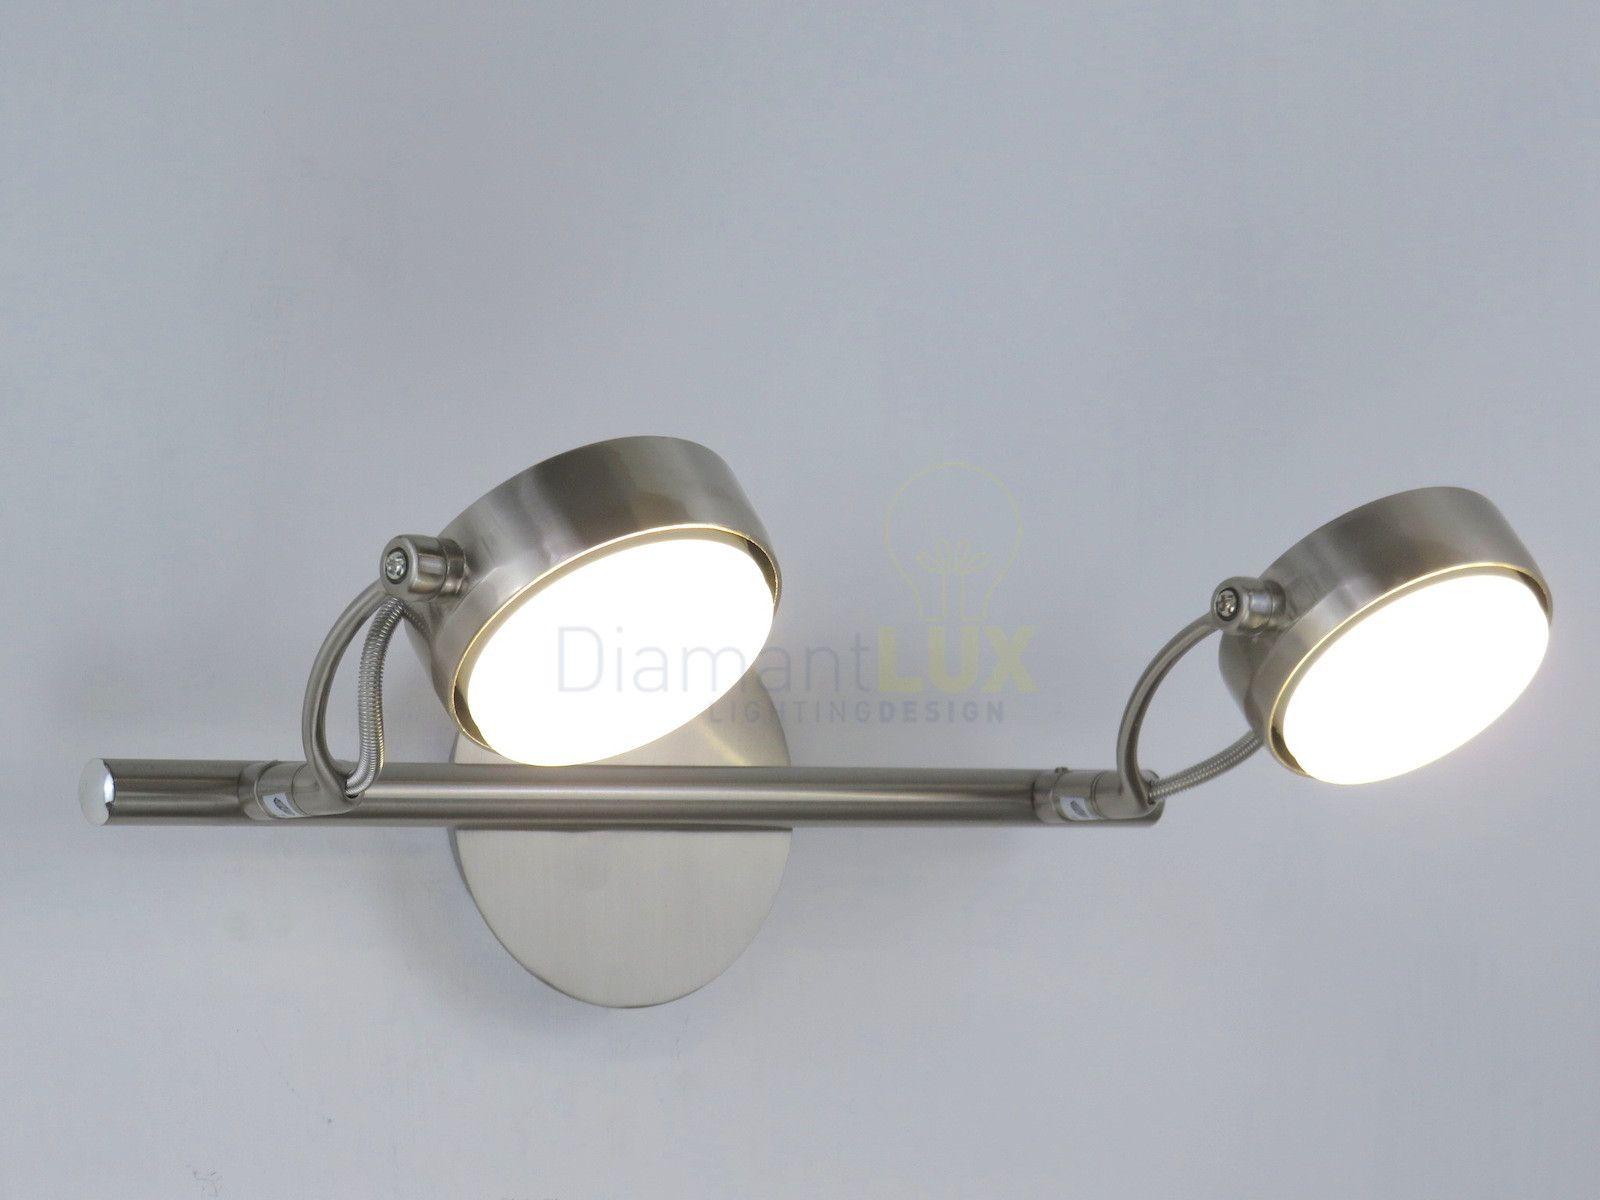 Applique moderno a led con faretti orientabili struttura nikel